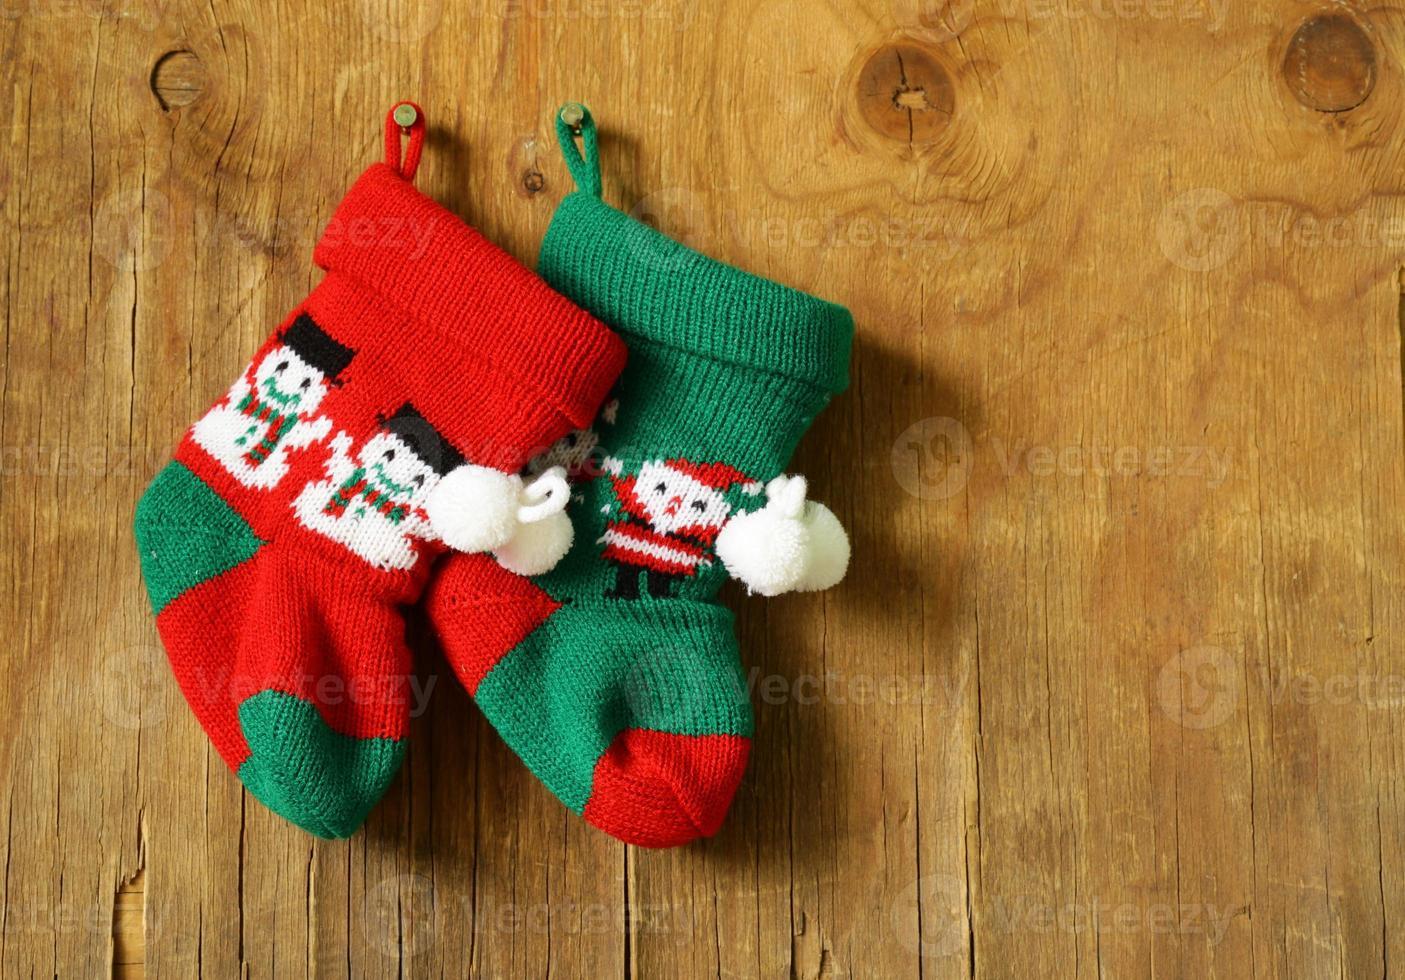 chaussettes tricotées de noël pour cadeaux décoration festive traditionnelle photo